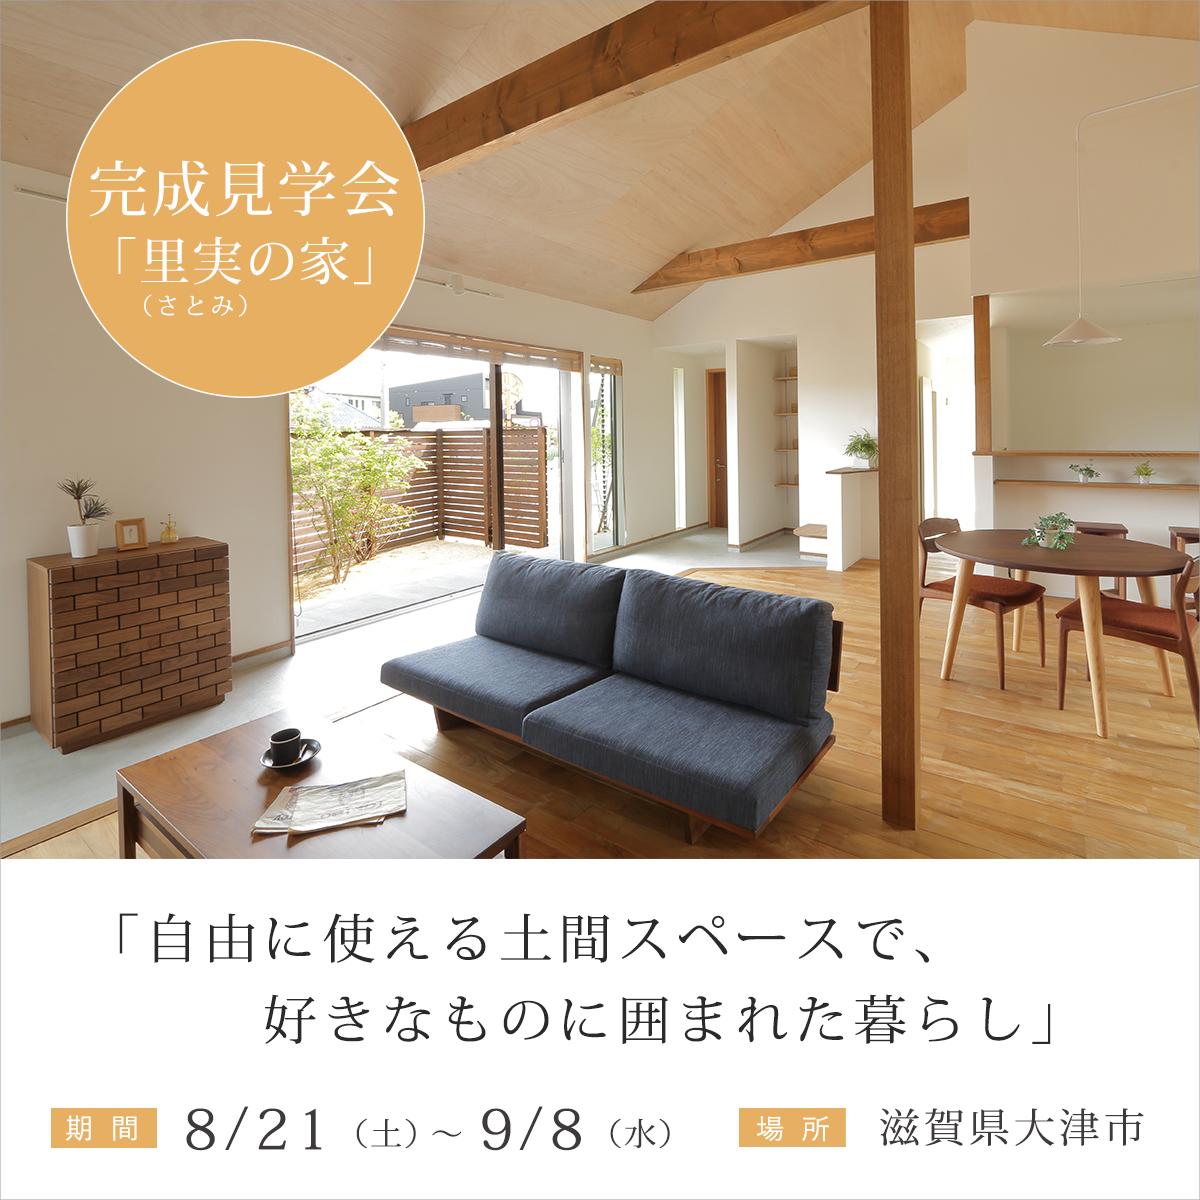 滋賀県大津市/土間のある暮らし完成見学会